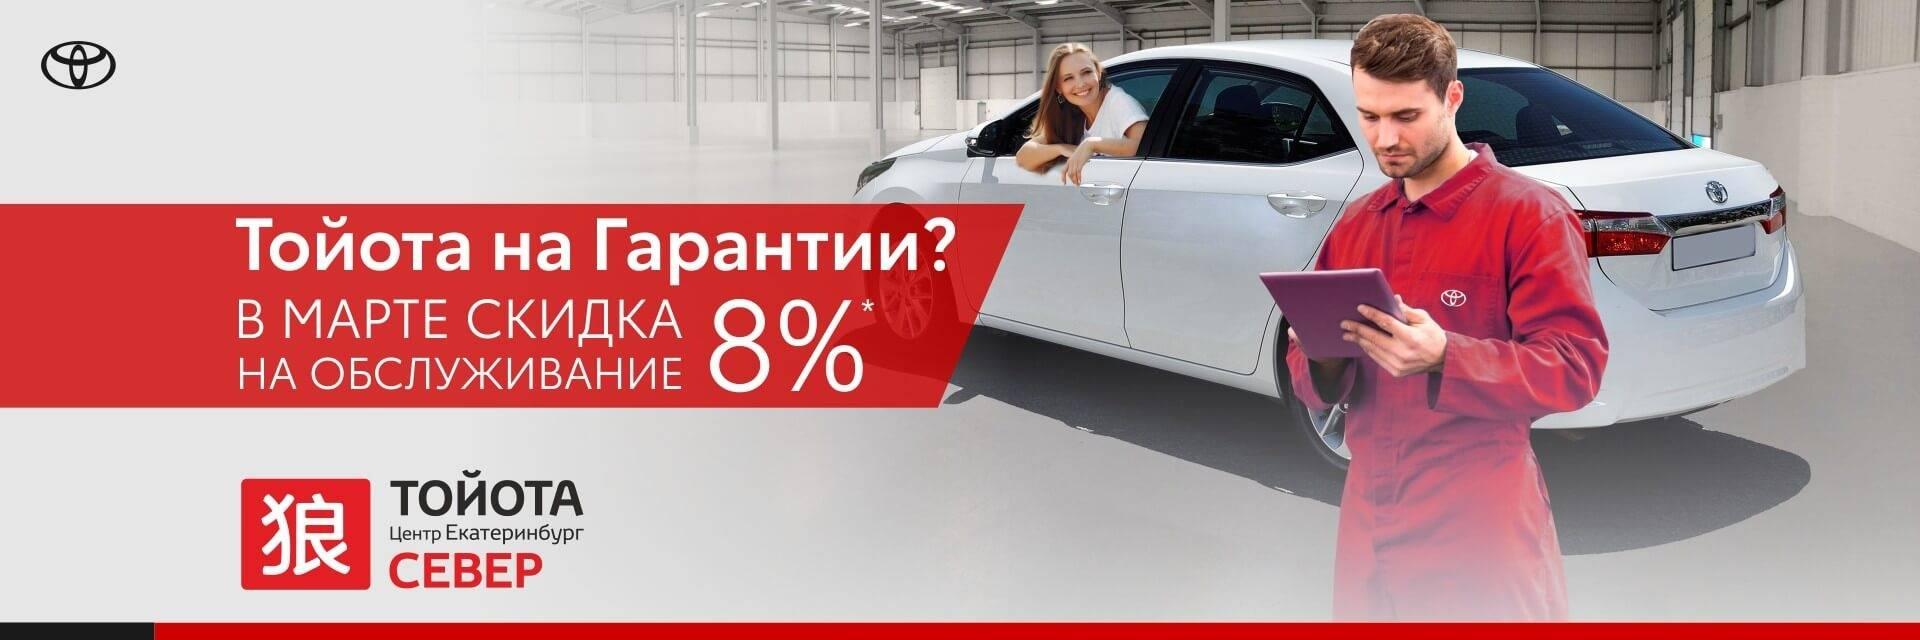 Весь март 8% ‑ скидка на обслуживание гарантийных автомобилей